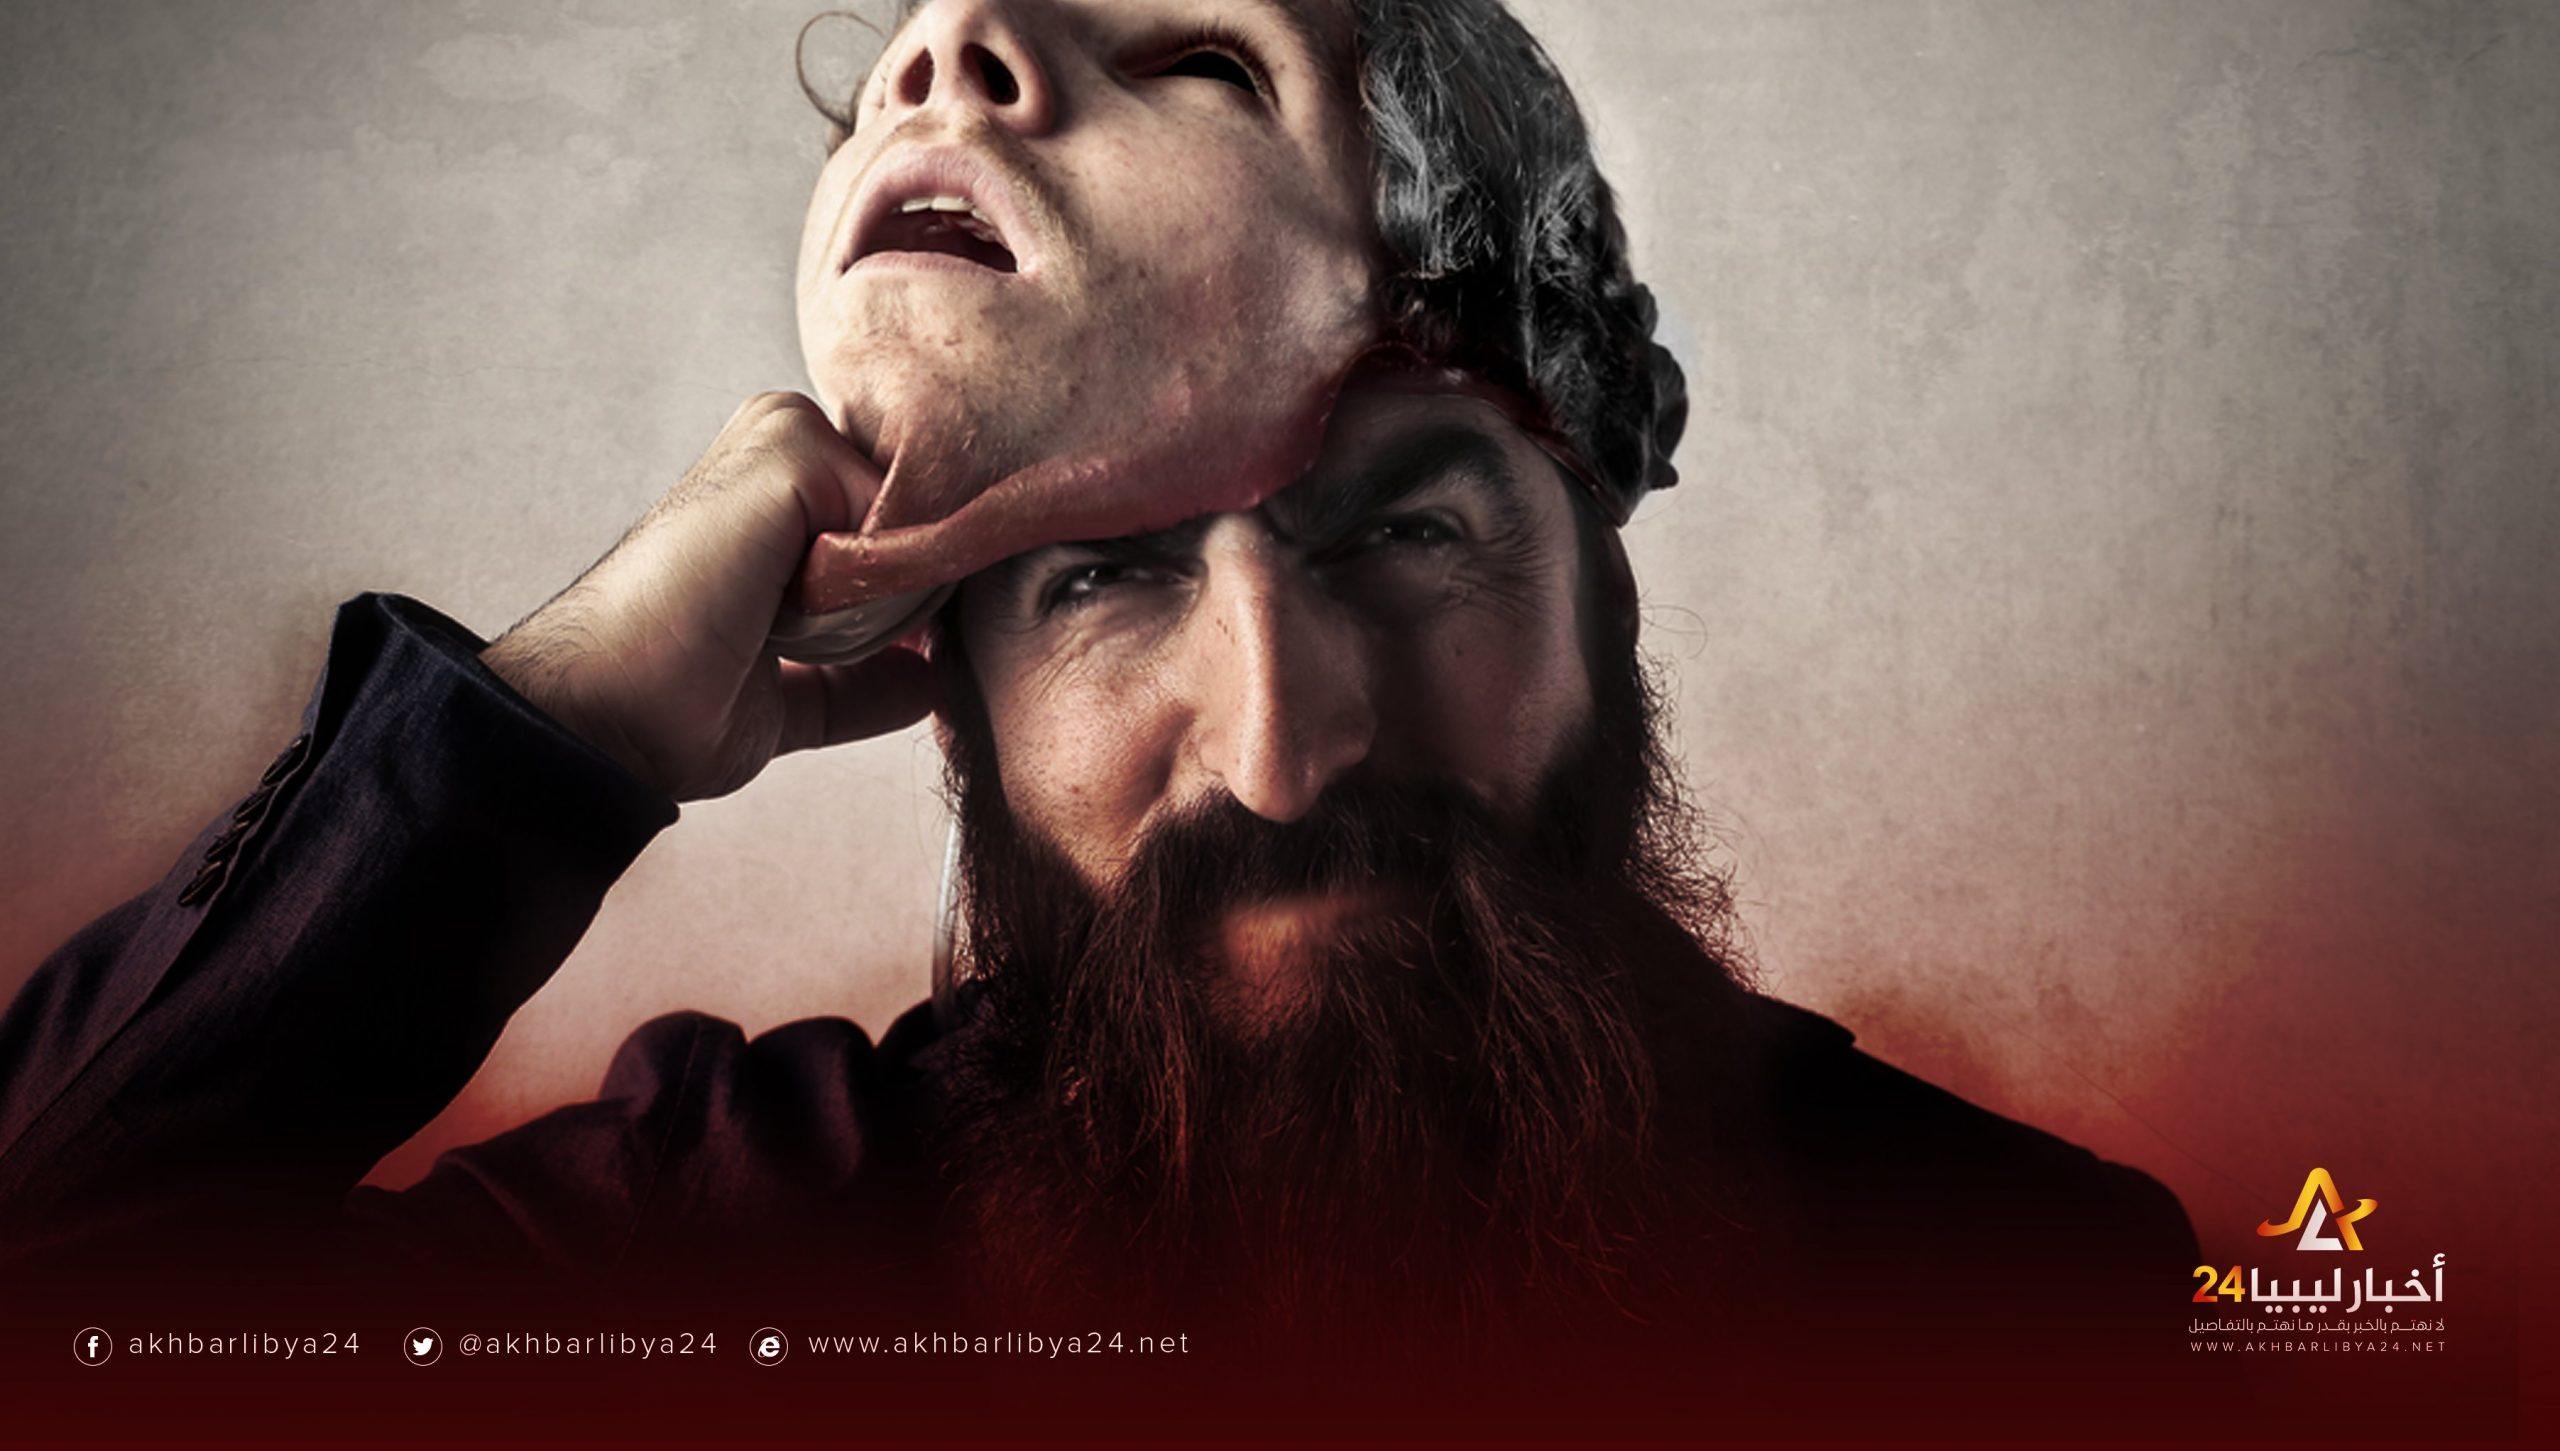 صورة الفكر الداعشي بين شعارات الدين الزائفة وواقعه القذر